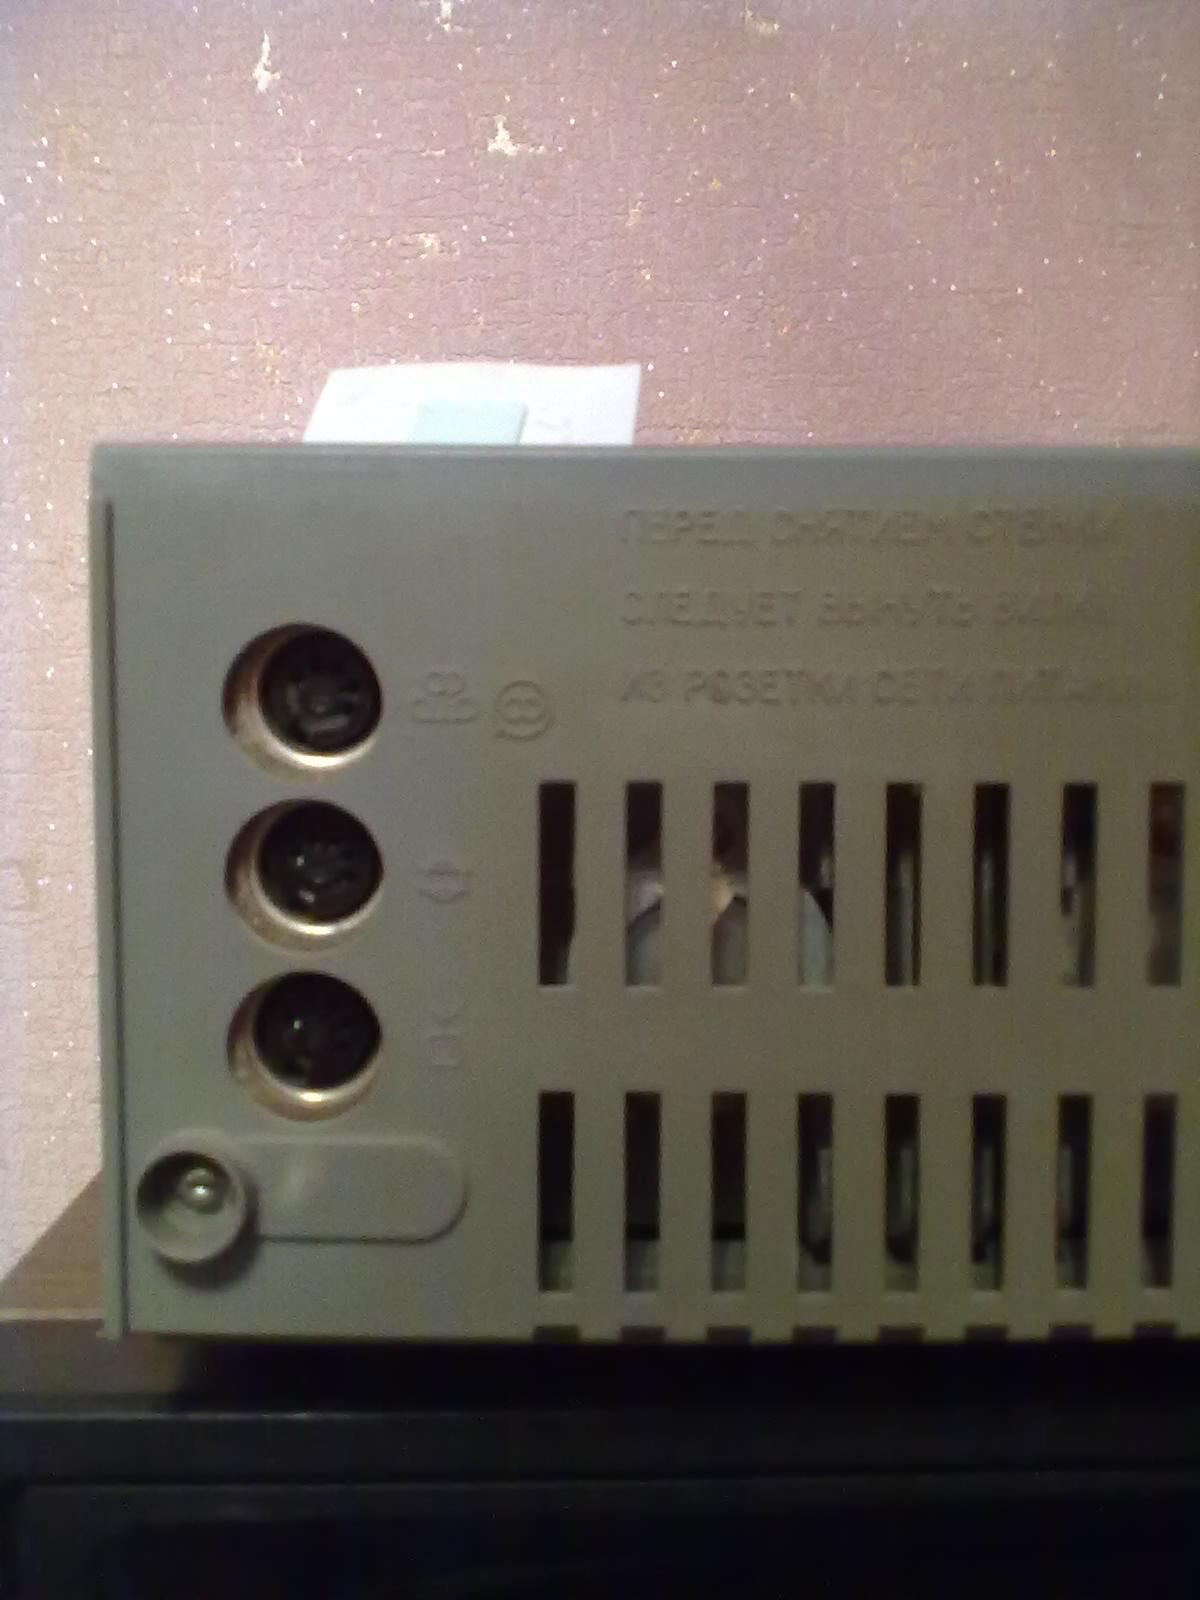 схема машнитоэлектрофона романтика м3220 с